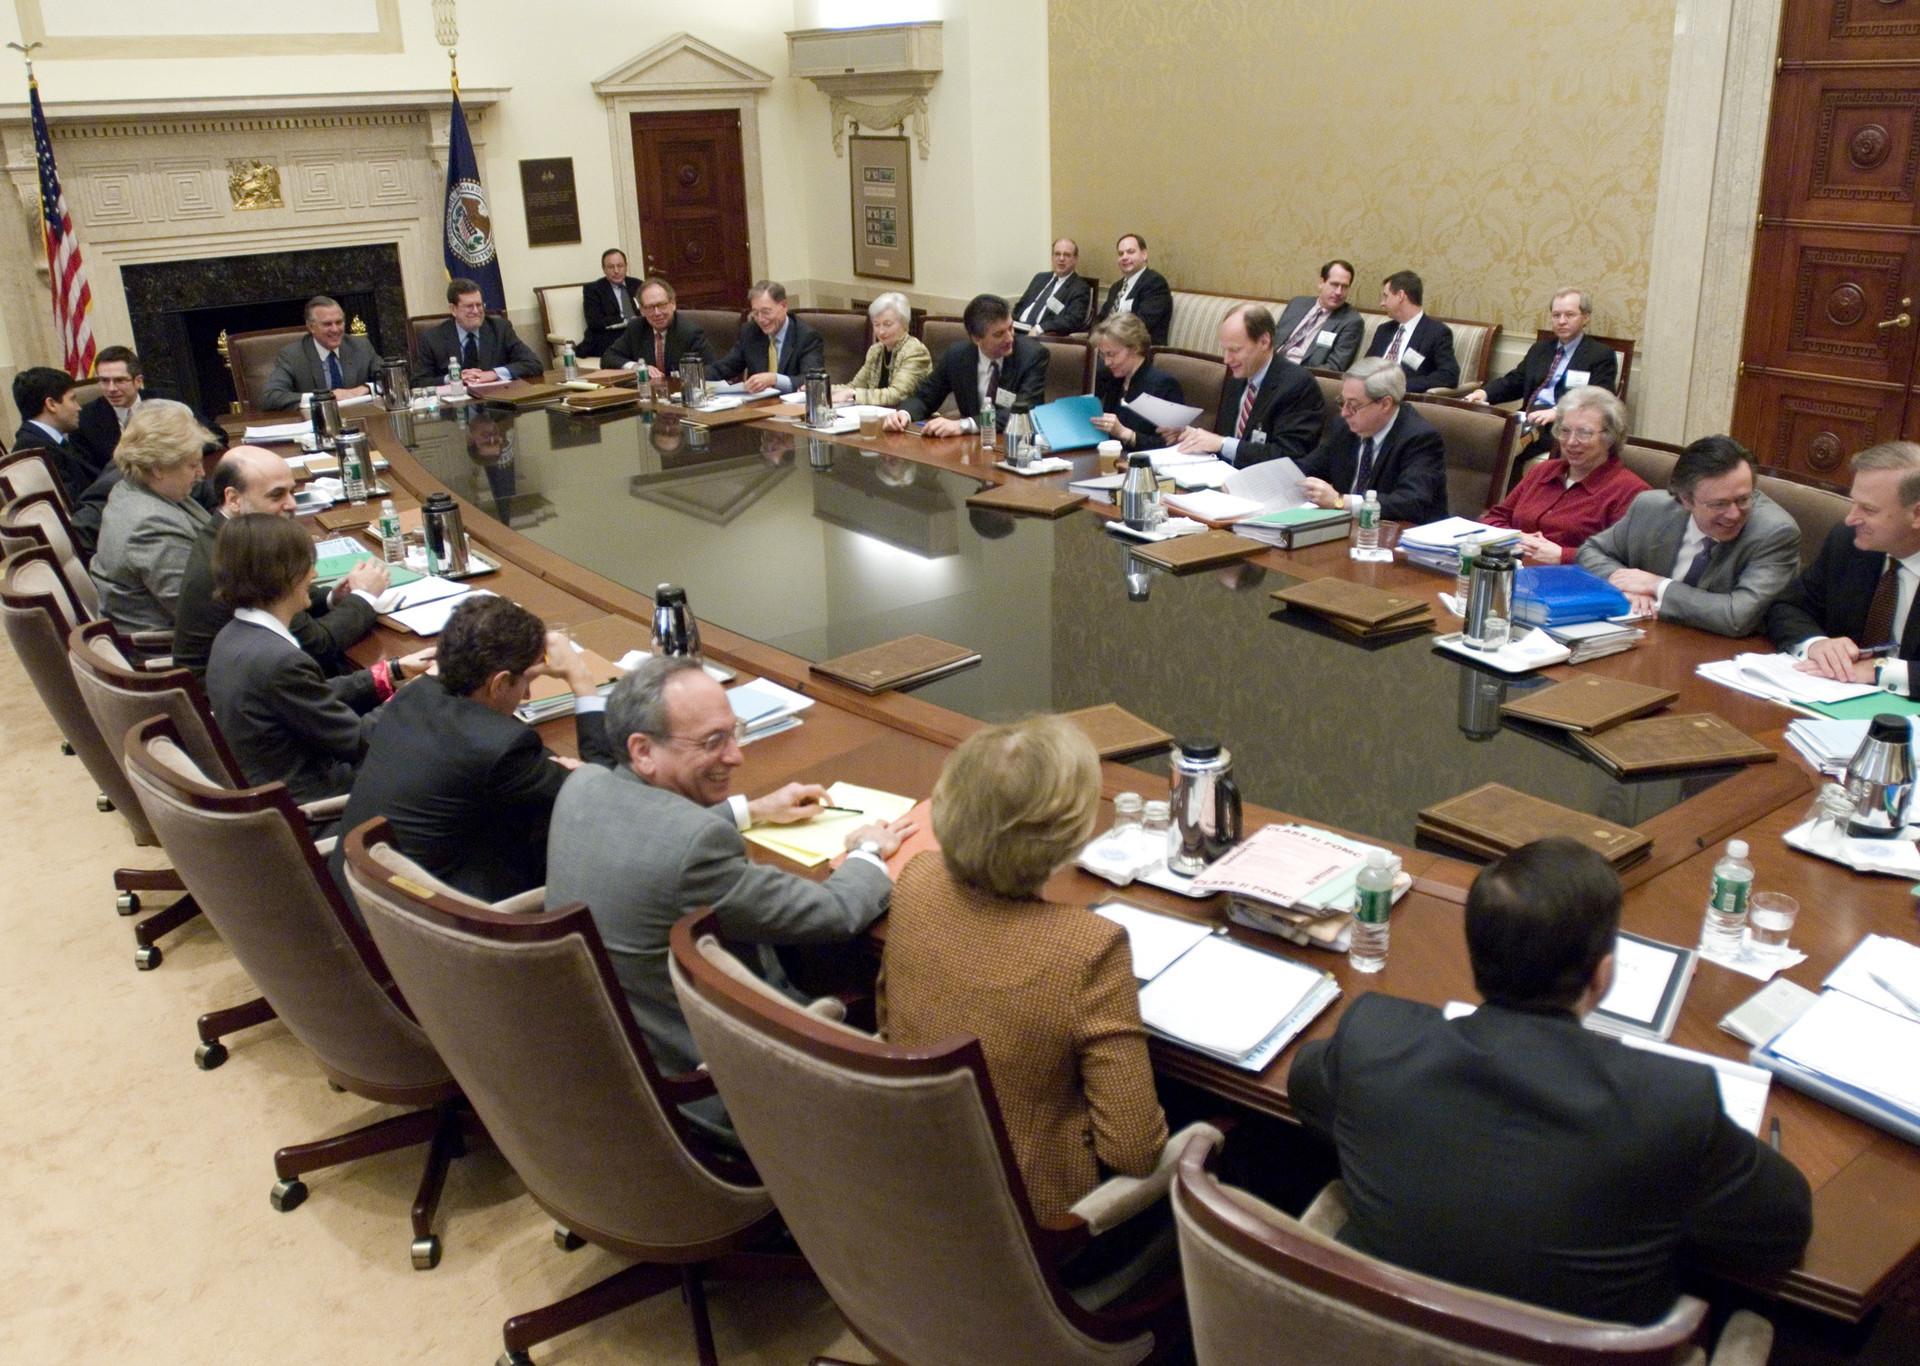 La sesión de FOMC